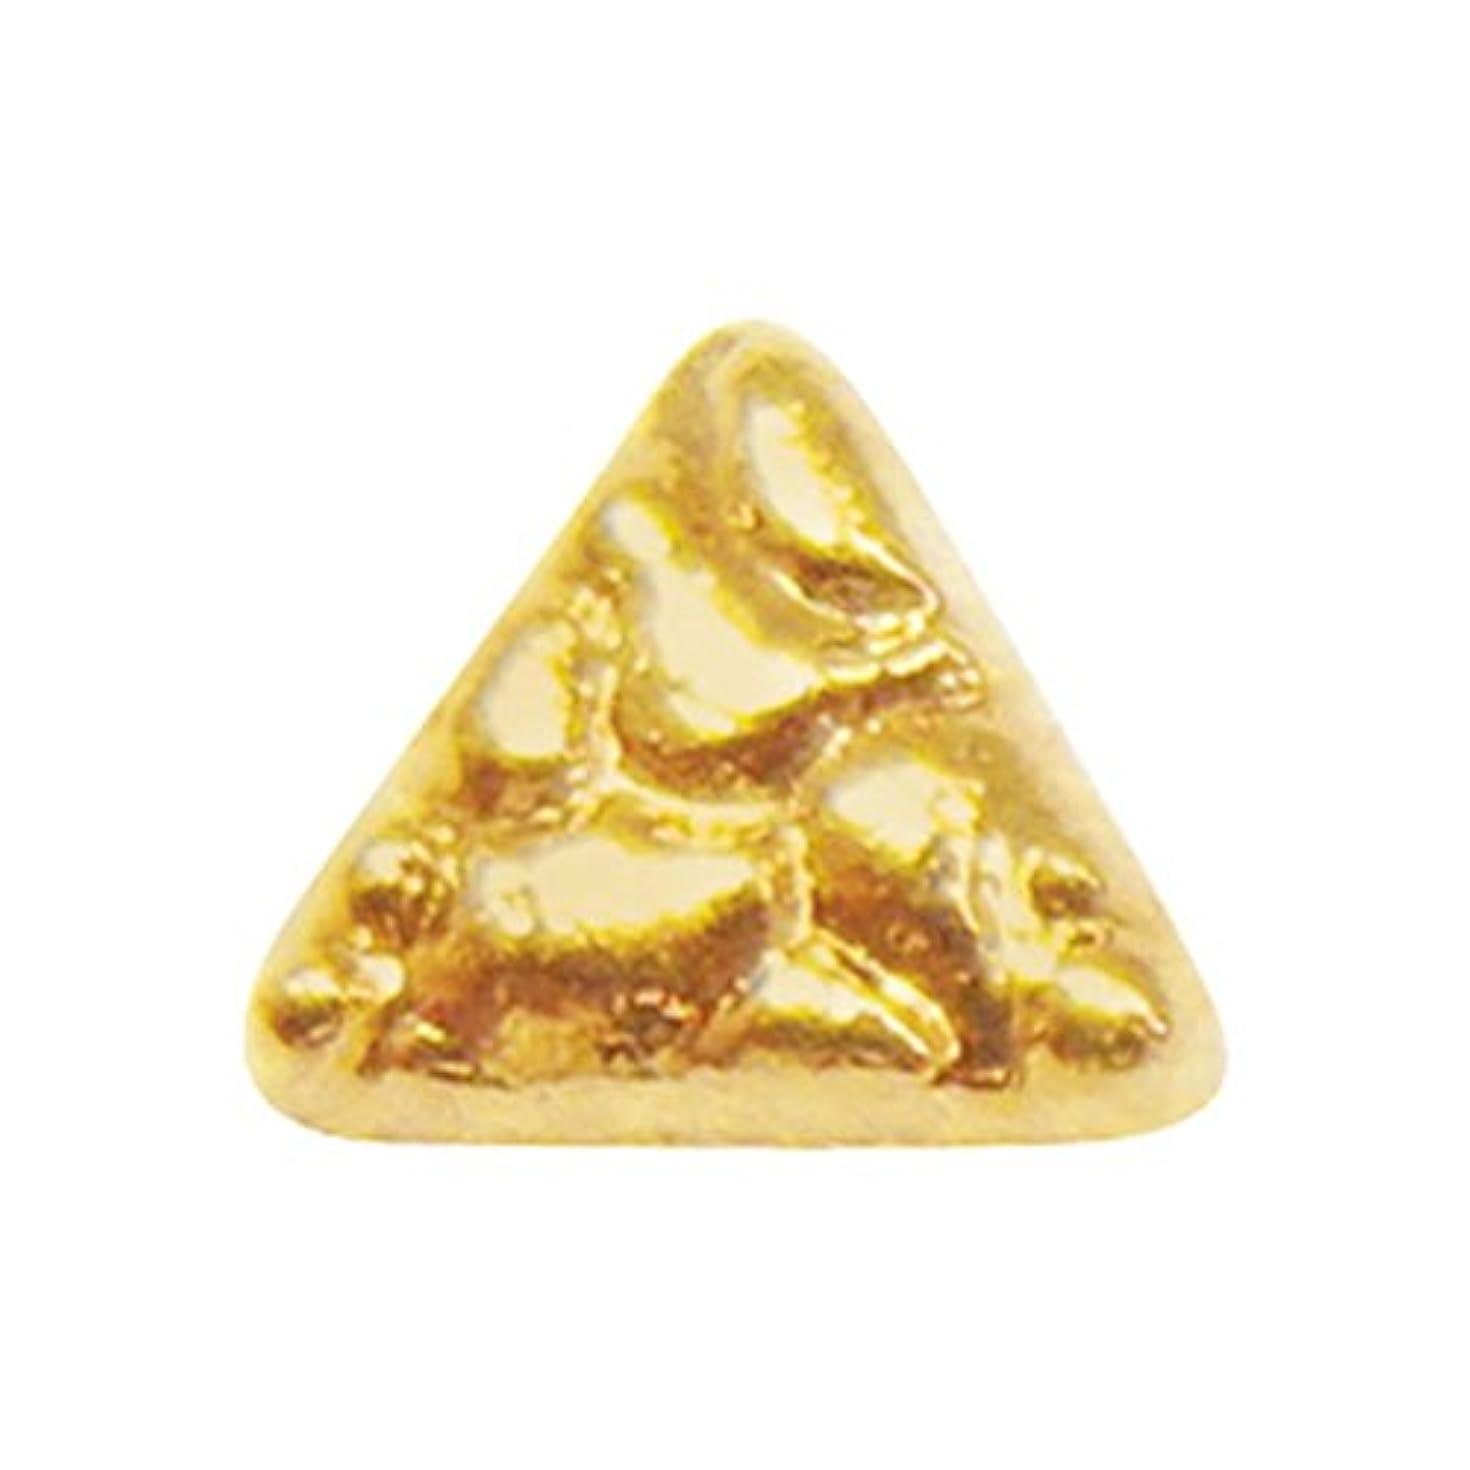 モザイク日焼け守るジェルネイル  サンシャインベビー アンティーク トライアングル(ゴールド) 10P